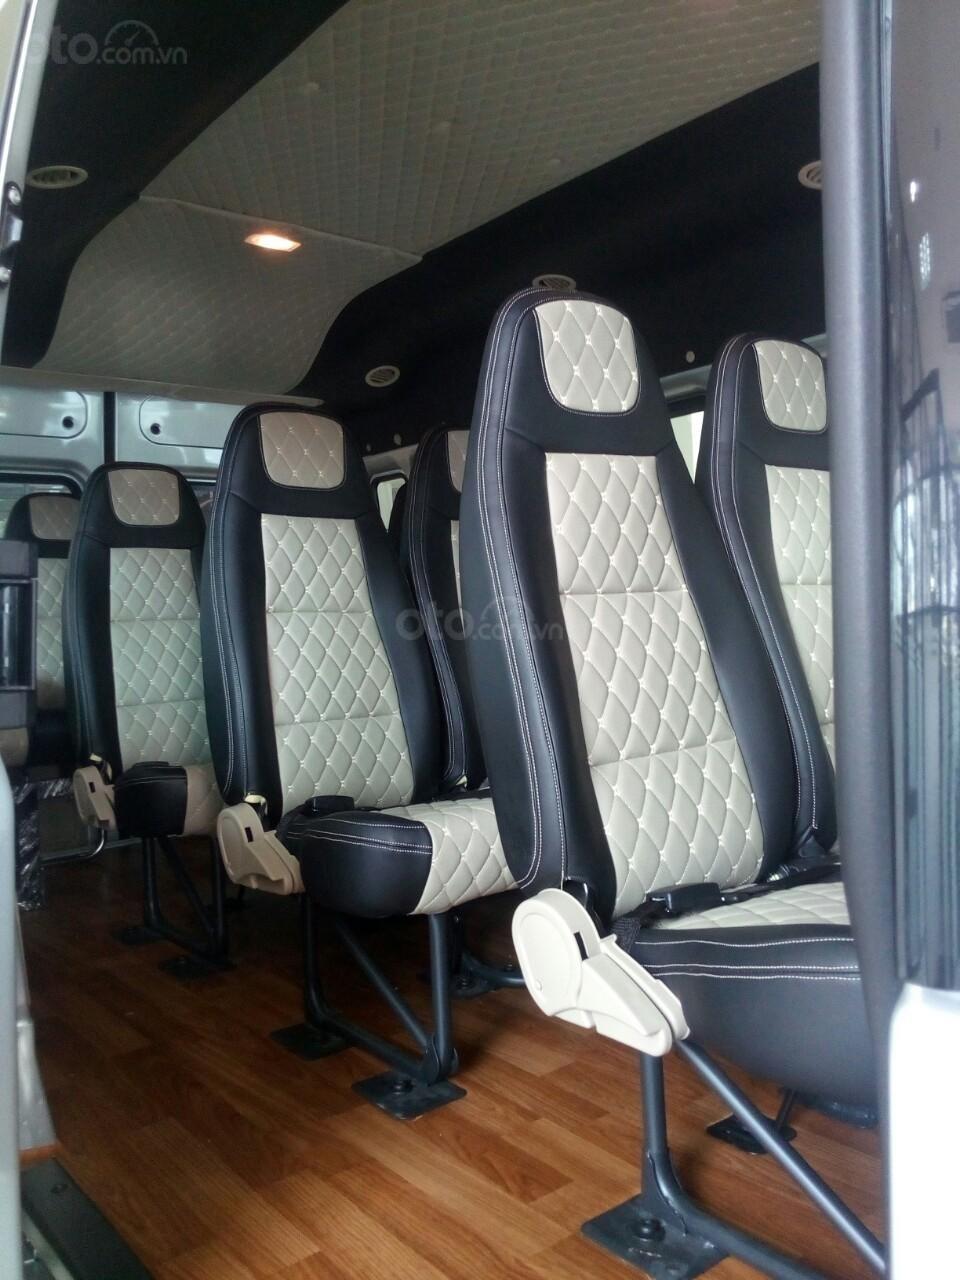 Bán Ford Transit mới, khuyến mãi lên tới 100 triệu, liên hệ Xuân Liên 089 86 89 076 (5)